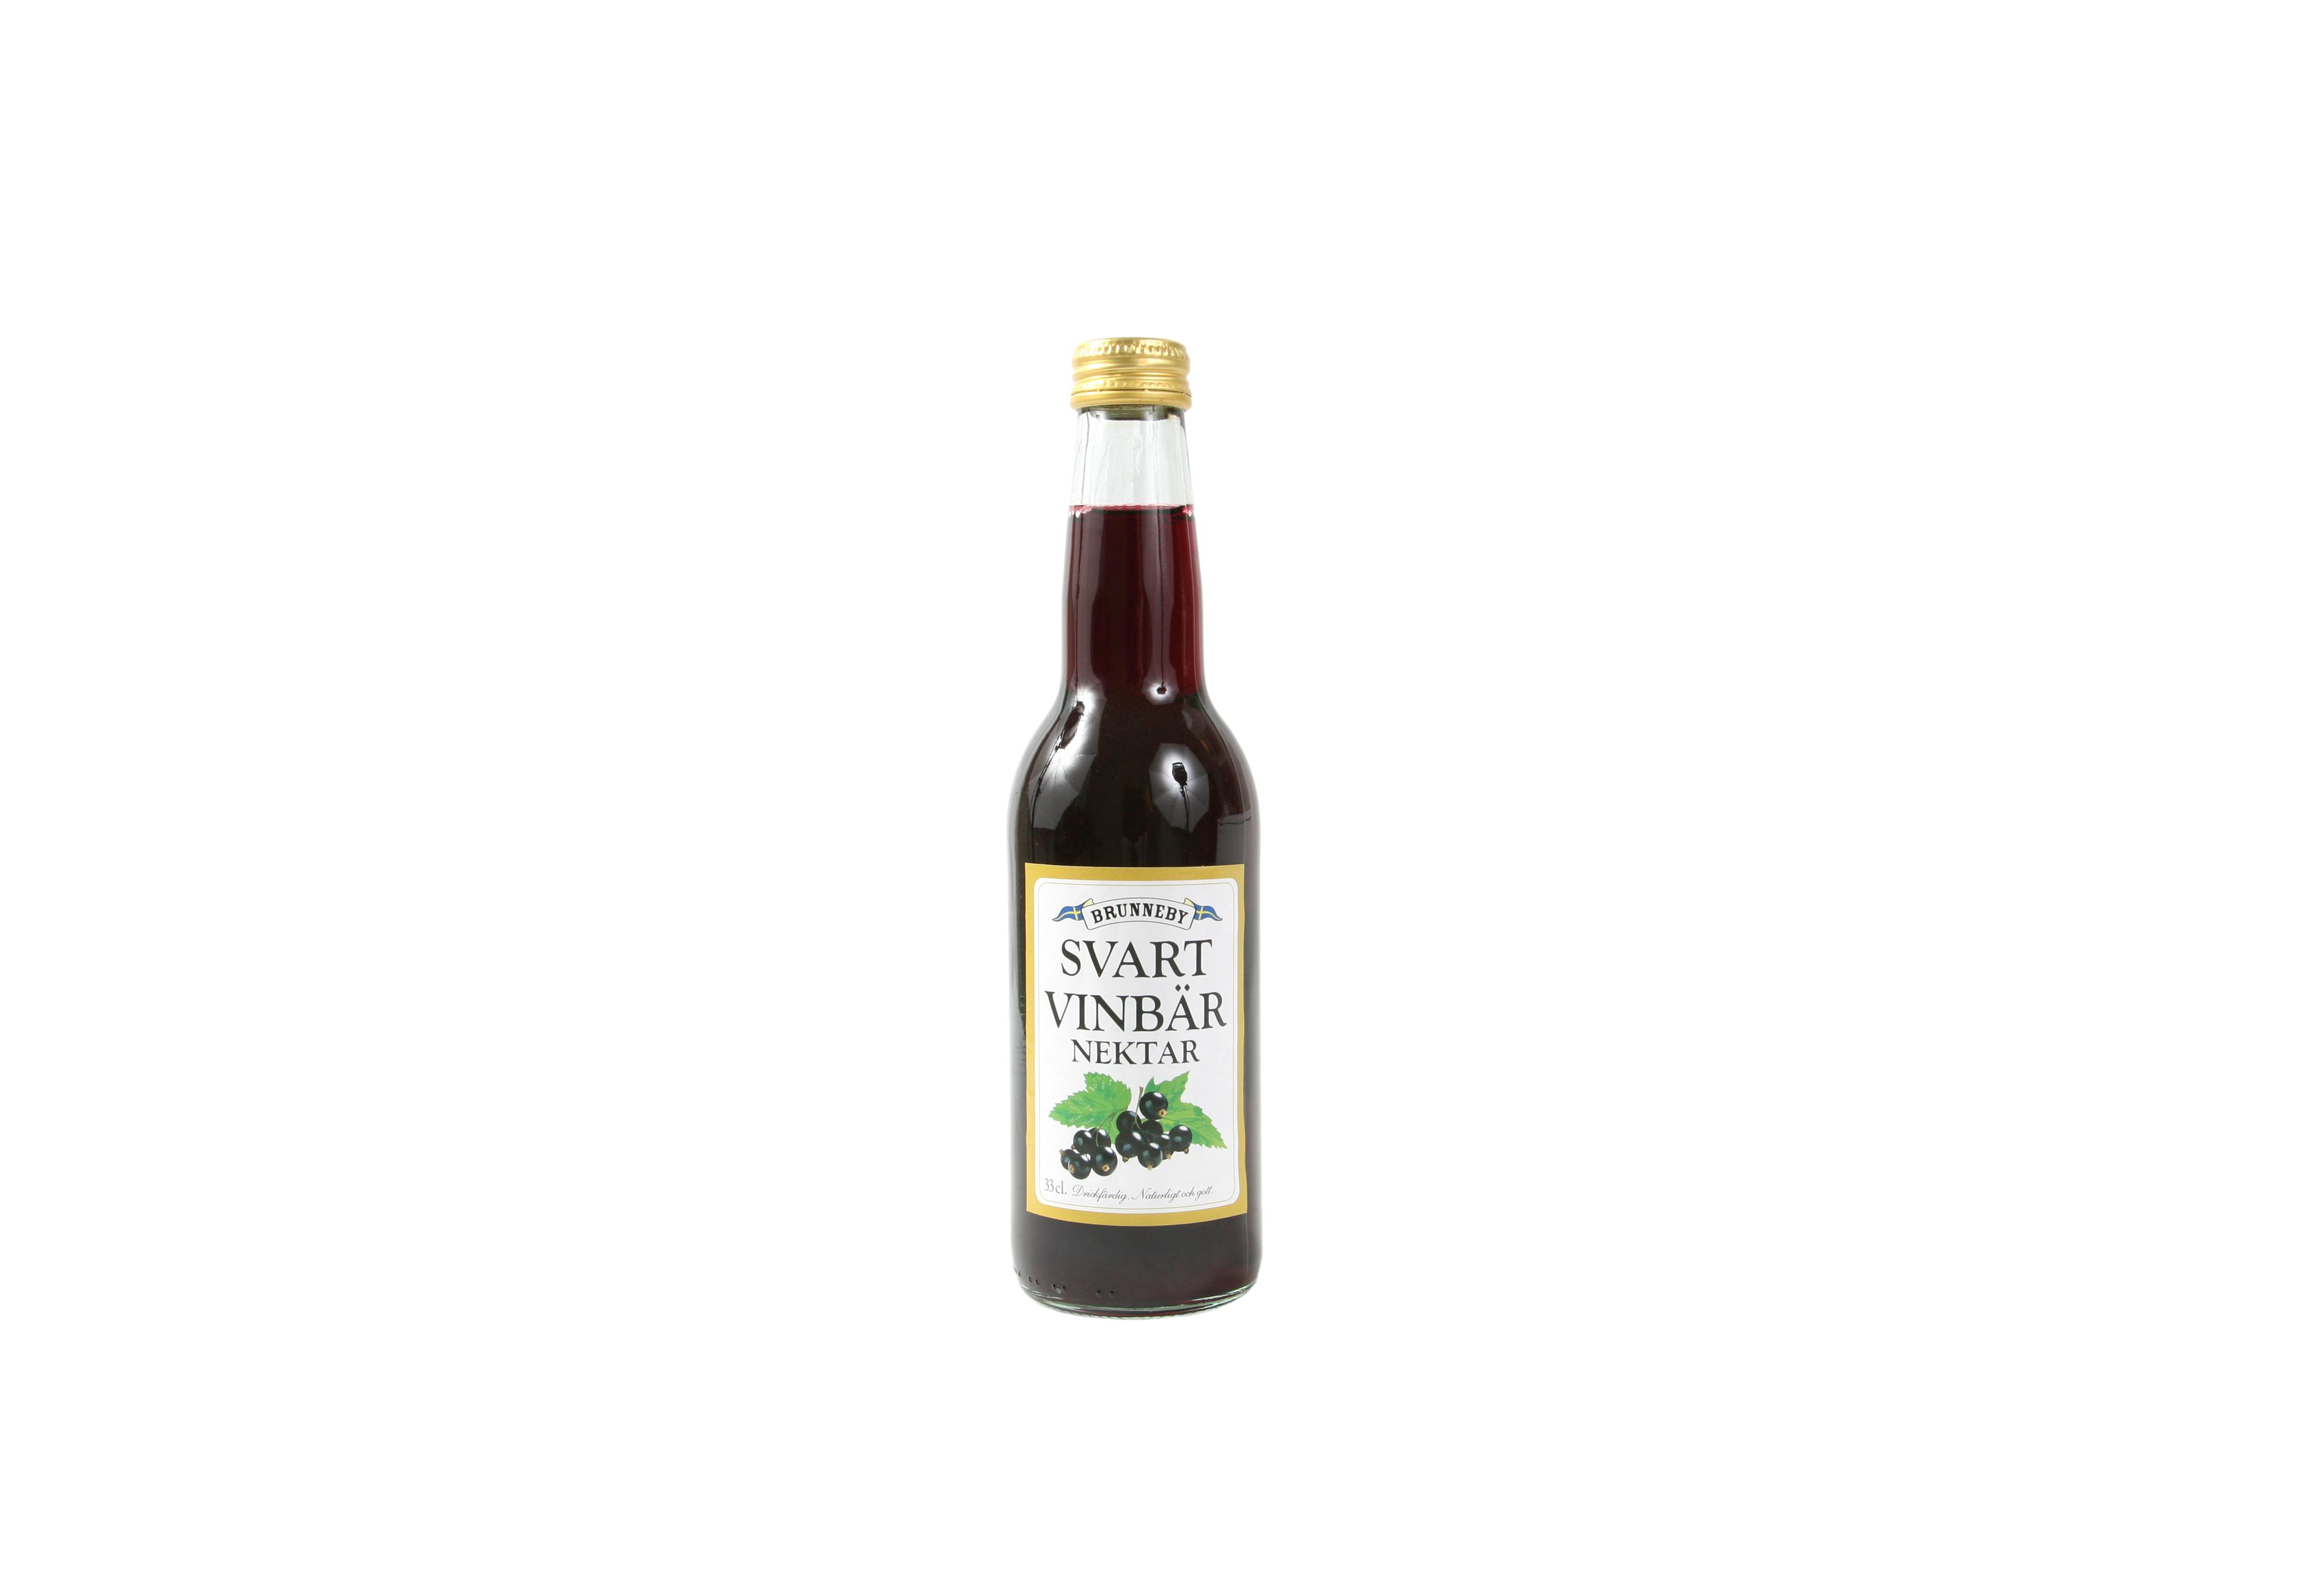 Högupplöst bild på Svartvinbärsnektar i 33 cl flaska.